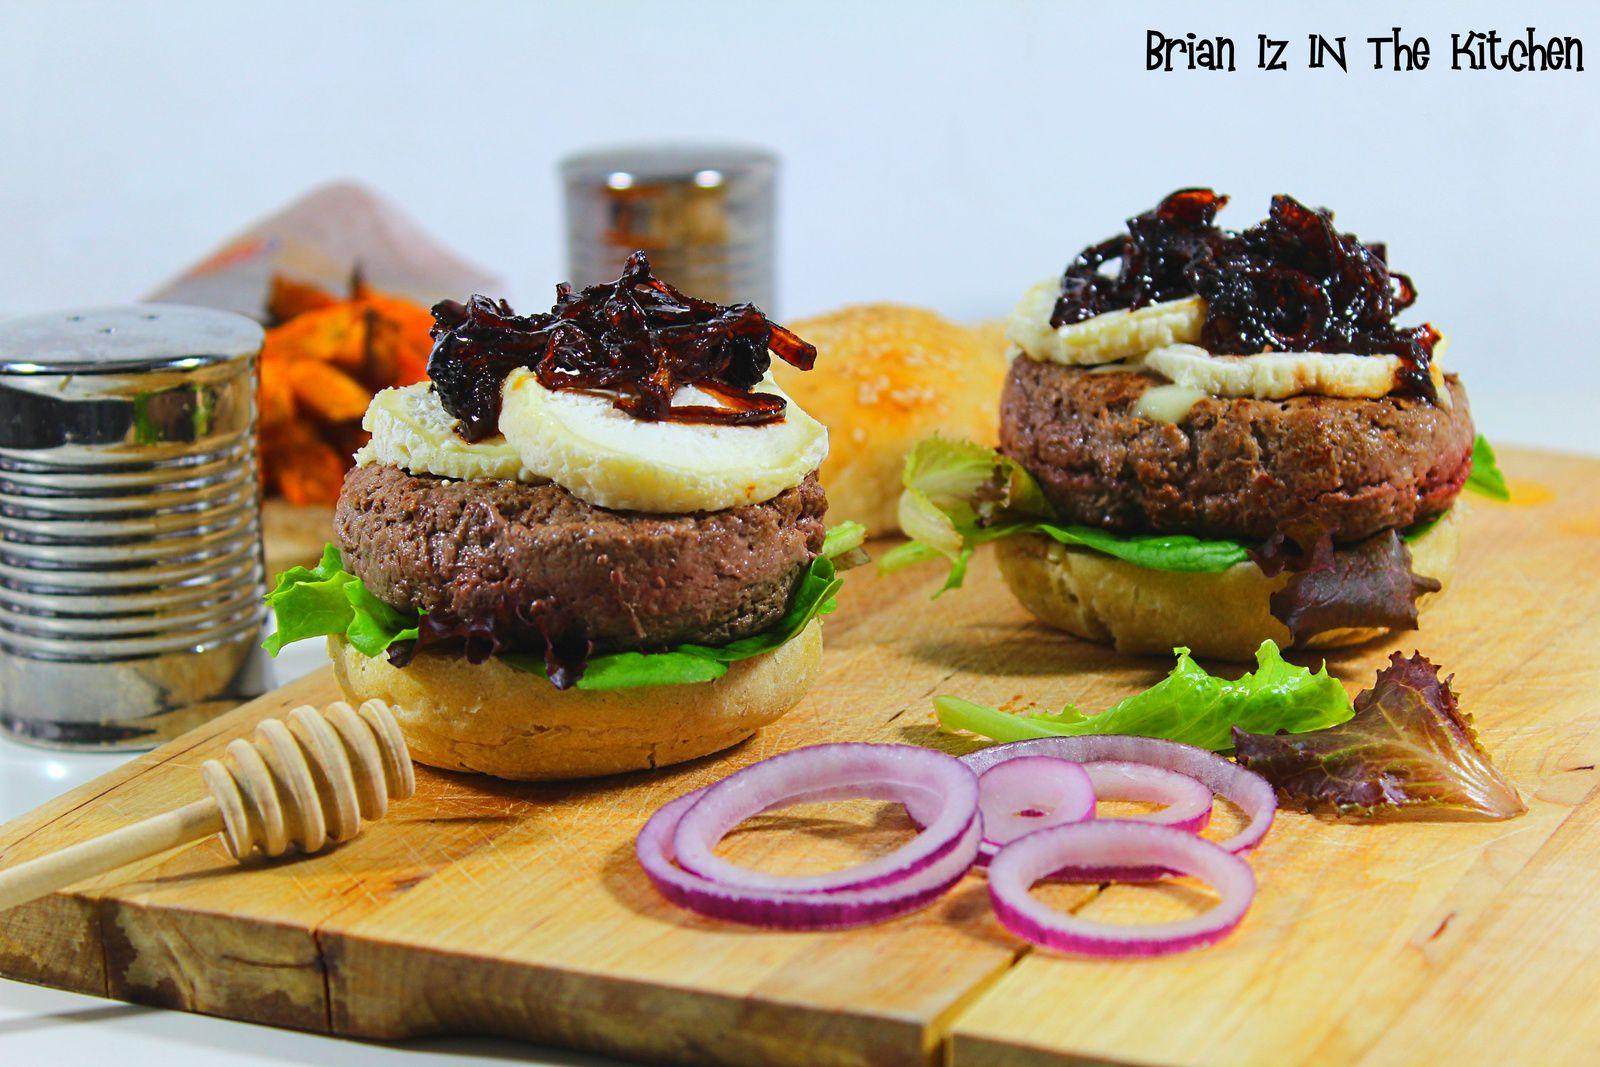 Burger Confit d'Oignons au Miel, Crottin de Chèvre Chaud & Frites de Patate Douce